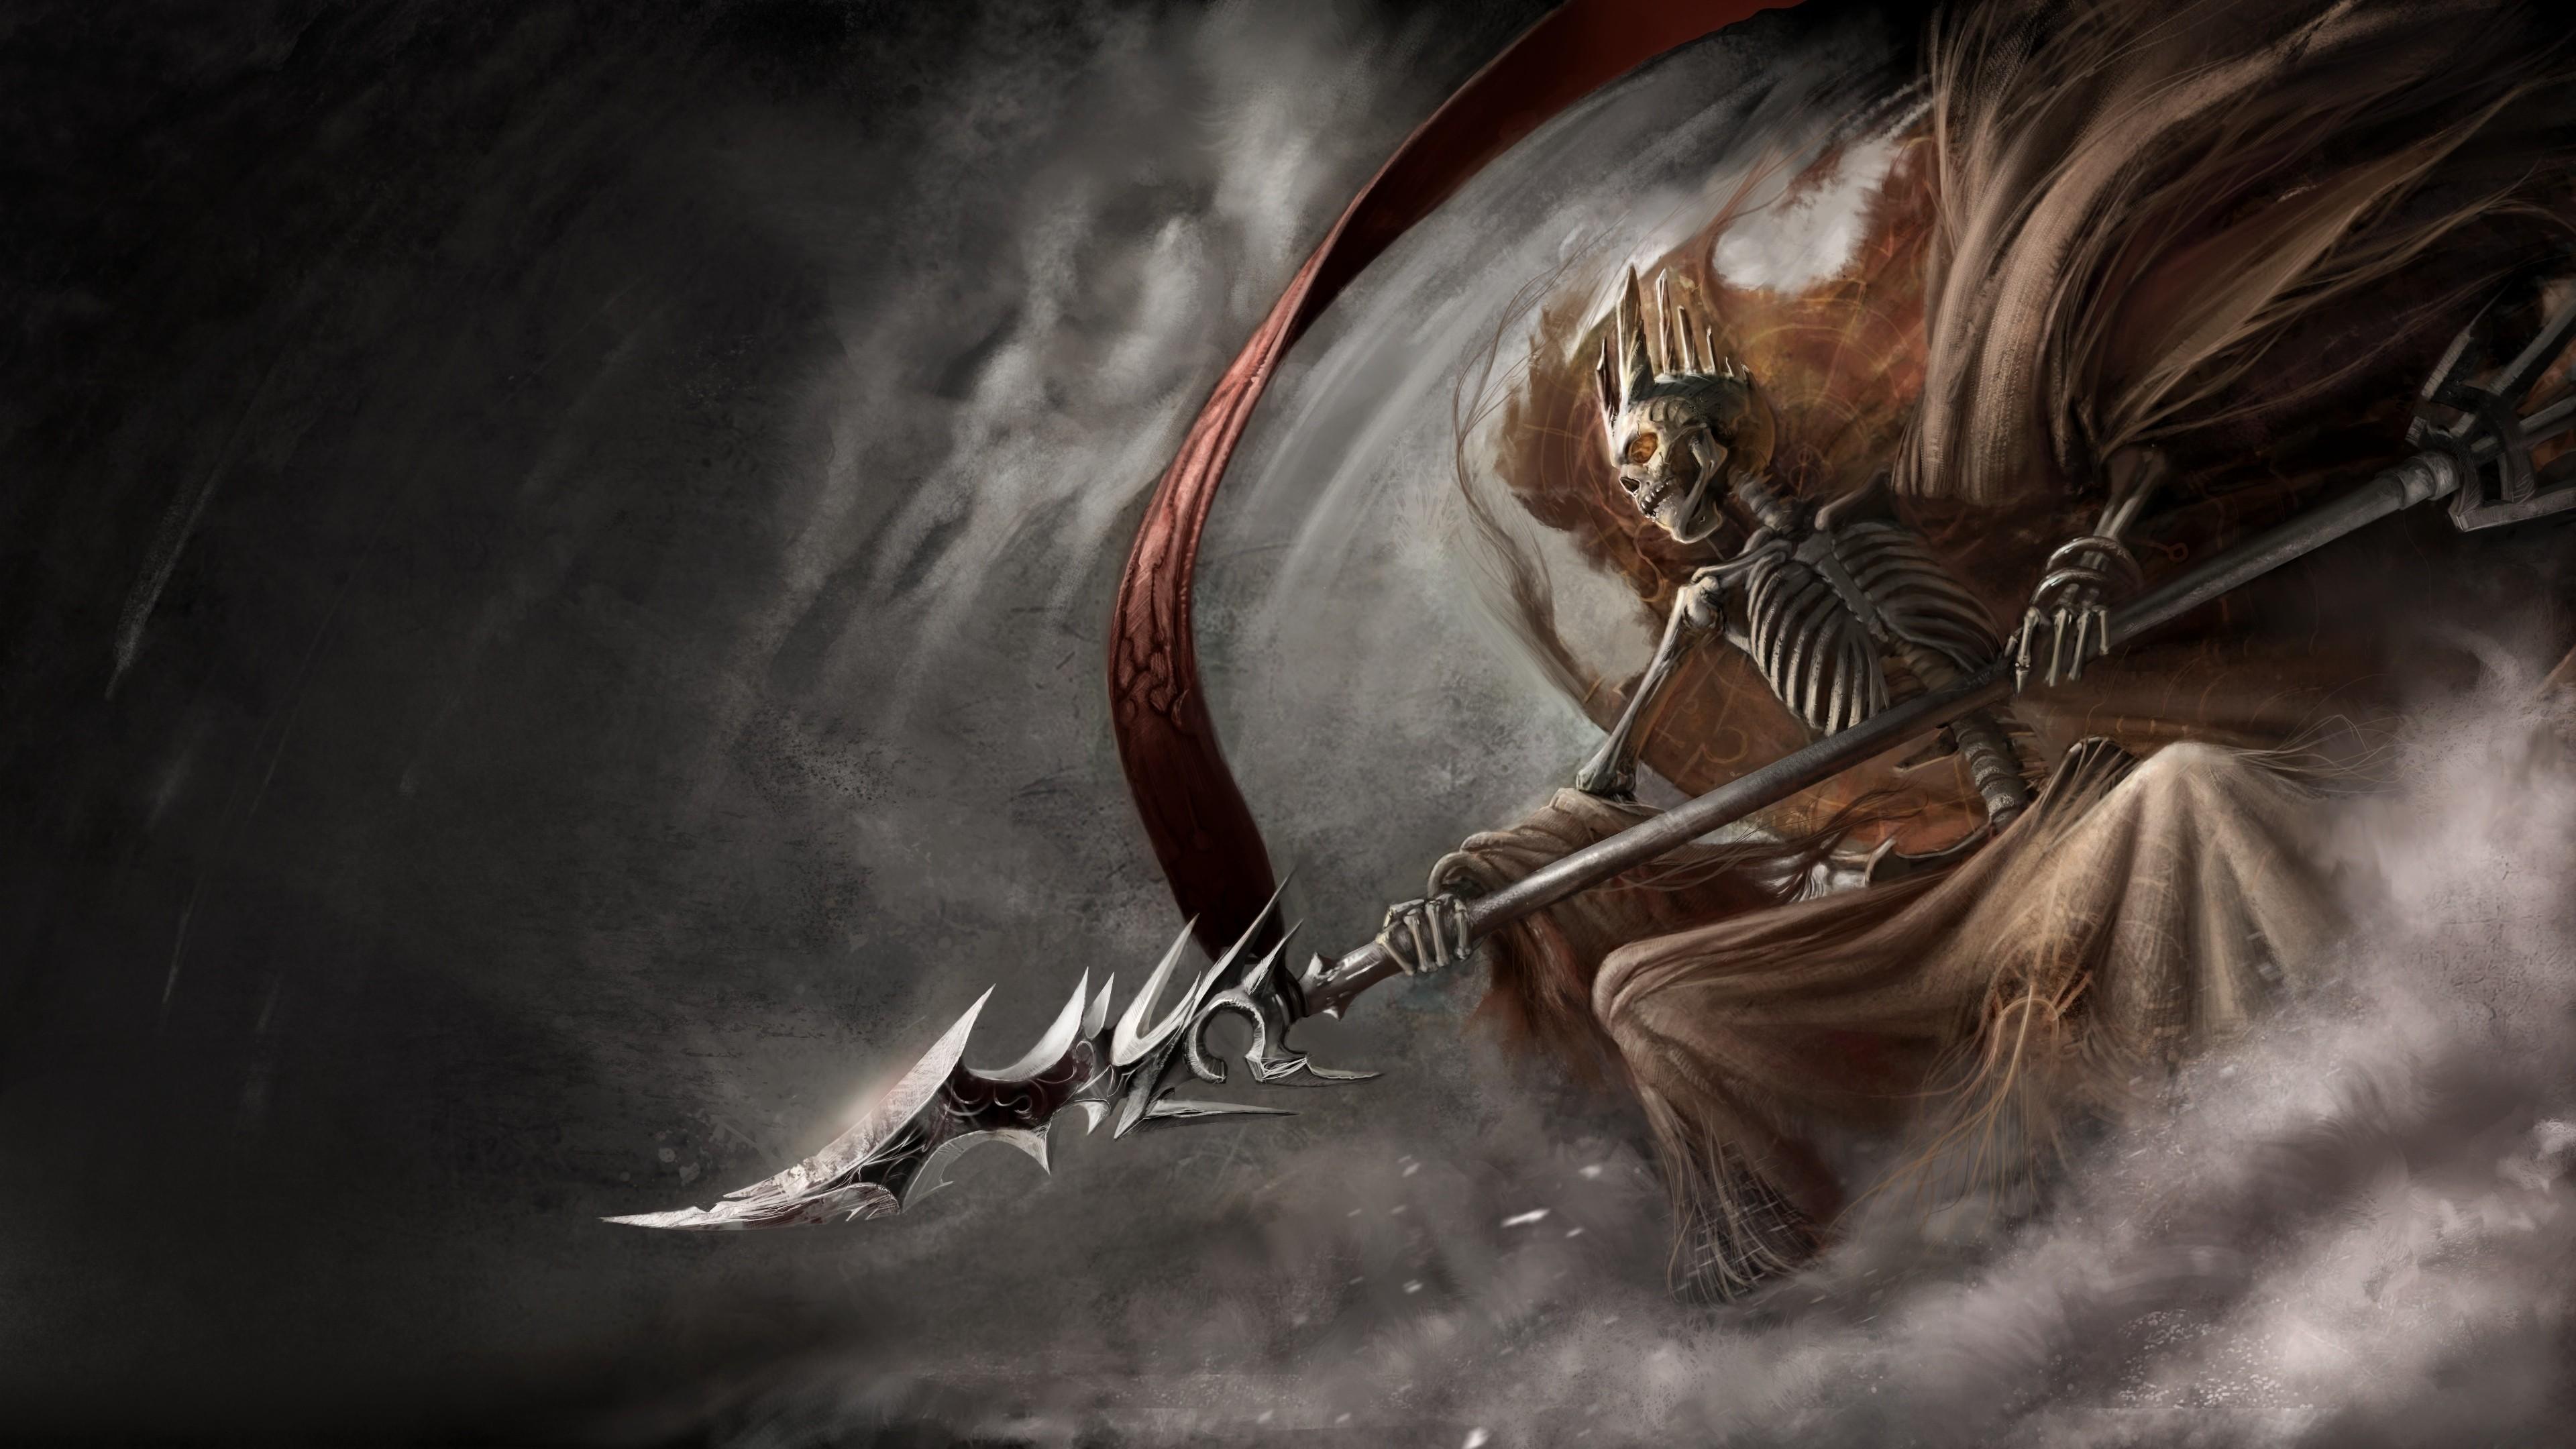 Reaper wallpaper hd 73 images - Reaper wallpaper ...